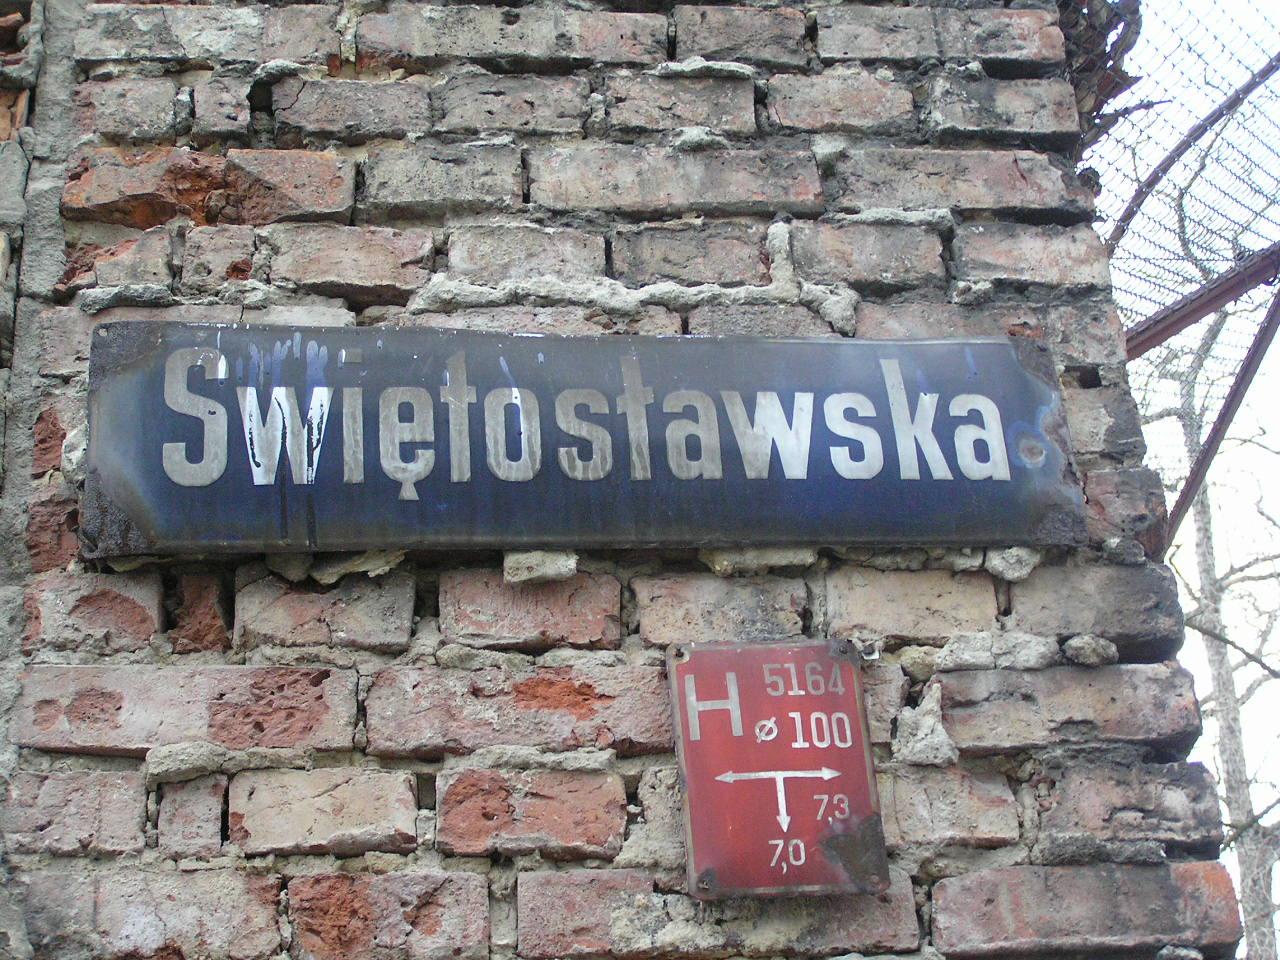 Tablica z nazwą ulicy - Świętosławska 33